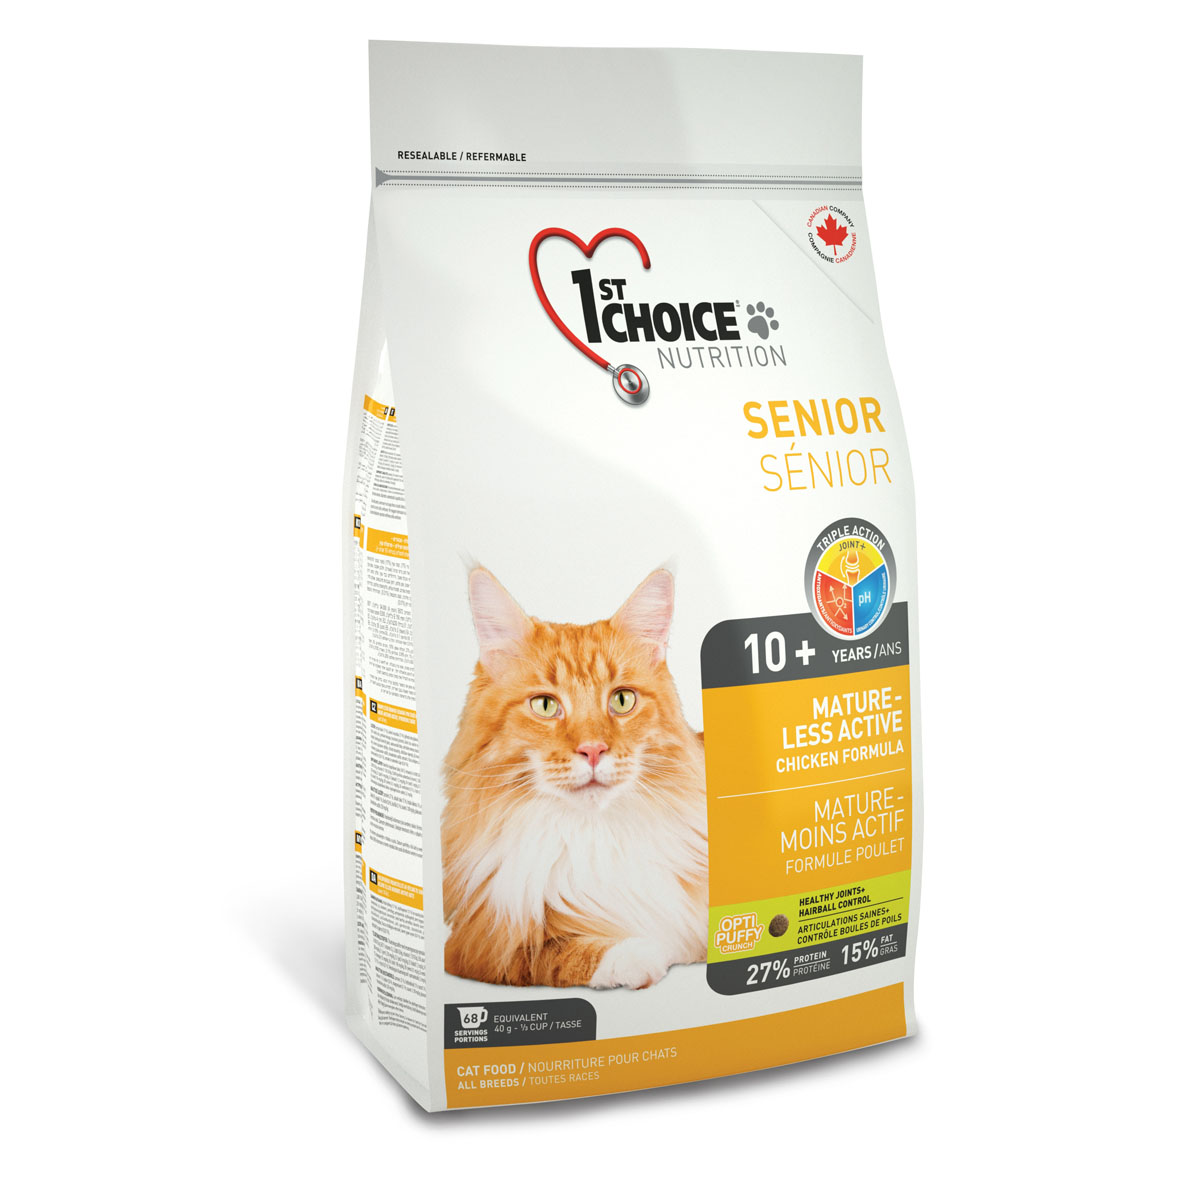 Корм сухой 1st Choice Mature Less Active для пожилых или малоактивных кошек, с курицей, 2,72 кг56678Сухой корм 1st Choice Mature Less Active - идеальный выбор для пожилого животного. Обогащенный глюкозамином и хондроитином, этот корм улучшает здоровье суставов и облегчает их подвижность. Специальные питательные вещества и антиоксиданты замедляют процесс старения.Идеальный рН-баланс поддерживает здоровье мочевыделительной системы. Также корм способствует укреплению костей и здоровью суставов. рН - контроль помогает снизить риск образования камней в мочевыделительной системе.Ингредиенты: свежая курица 17%, мука из мяса курицы 17% (натуральный источник глюкозамина и хондроитина), рис, коричневый рис, специально обработанные ядра ячменя и овса, гороховый протеин, куриный жир, сохраненный смесью натуральных токоферолов (витамин Е), сушеное яйцо, гидролизат куриной печени, мякоть свеклы, цельное семя льна, клетчатка гороха, сушеная мякоть томата, жир лосося, калия хлорид, лецитин, кальция карбонат, холина хлорид, соль, кальция пропионат, натрия бисульфат, экстракт дрожжей, таурин, экстракт цикория, DL- метионин, L-лизин, железа сульфат, коллагена пептид, аскорбиновая кислота (витамин С), цинка оксид, натрия селенит, альфа-токоферол ацетат (витамин Е), глюкозамина сульфат, никотиновая кислота, хондроитина сульфат, экстракт юкки Шидигера, L-цистин, кальция иодат, марганца оксид, L-карнитин, D-кальция пантотенат, тиамина мононитрат, рибофлавин, пиридоксина гидрохлорид, витамин А, холекальциферол (витамин Д3), биотин, сушеная мята (0,01%), сушеная петрушка (0,01%), экстракт зеленого чая (0,01%), цинка протеинат, витамин В12, кобальта карбонат, фолиевая кислота, марганца протеинат, меди протеинат. Гарантированный анализ: сырой протеин мин. 27%, сырой жир мин. 15%, сырая клетчатка макс. 3,5%, влага макс. 10%, зола макс. 8,5%, кальций мин. 1%, фосфор мин. 0,9%, марганец макс. 0,1%, таурин 2100 мг/кг, витамин А мин. 34 000 МЕ/кг, витамин Д3 мин. 2 000 МЕ/кг, витамин Е мин. 150 МЕ